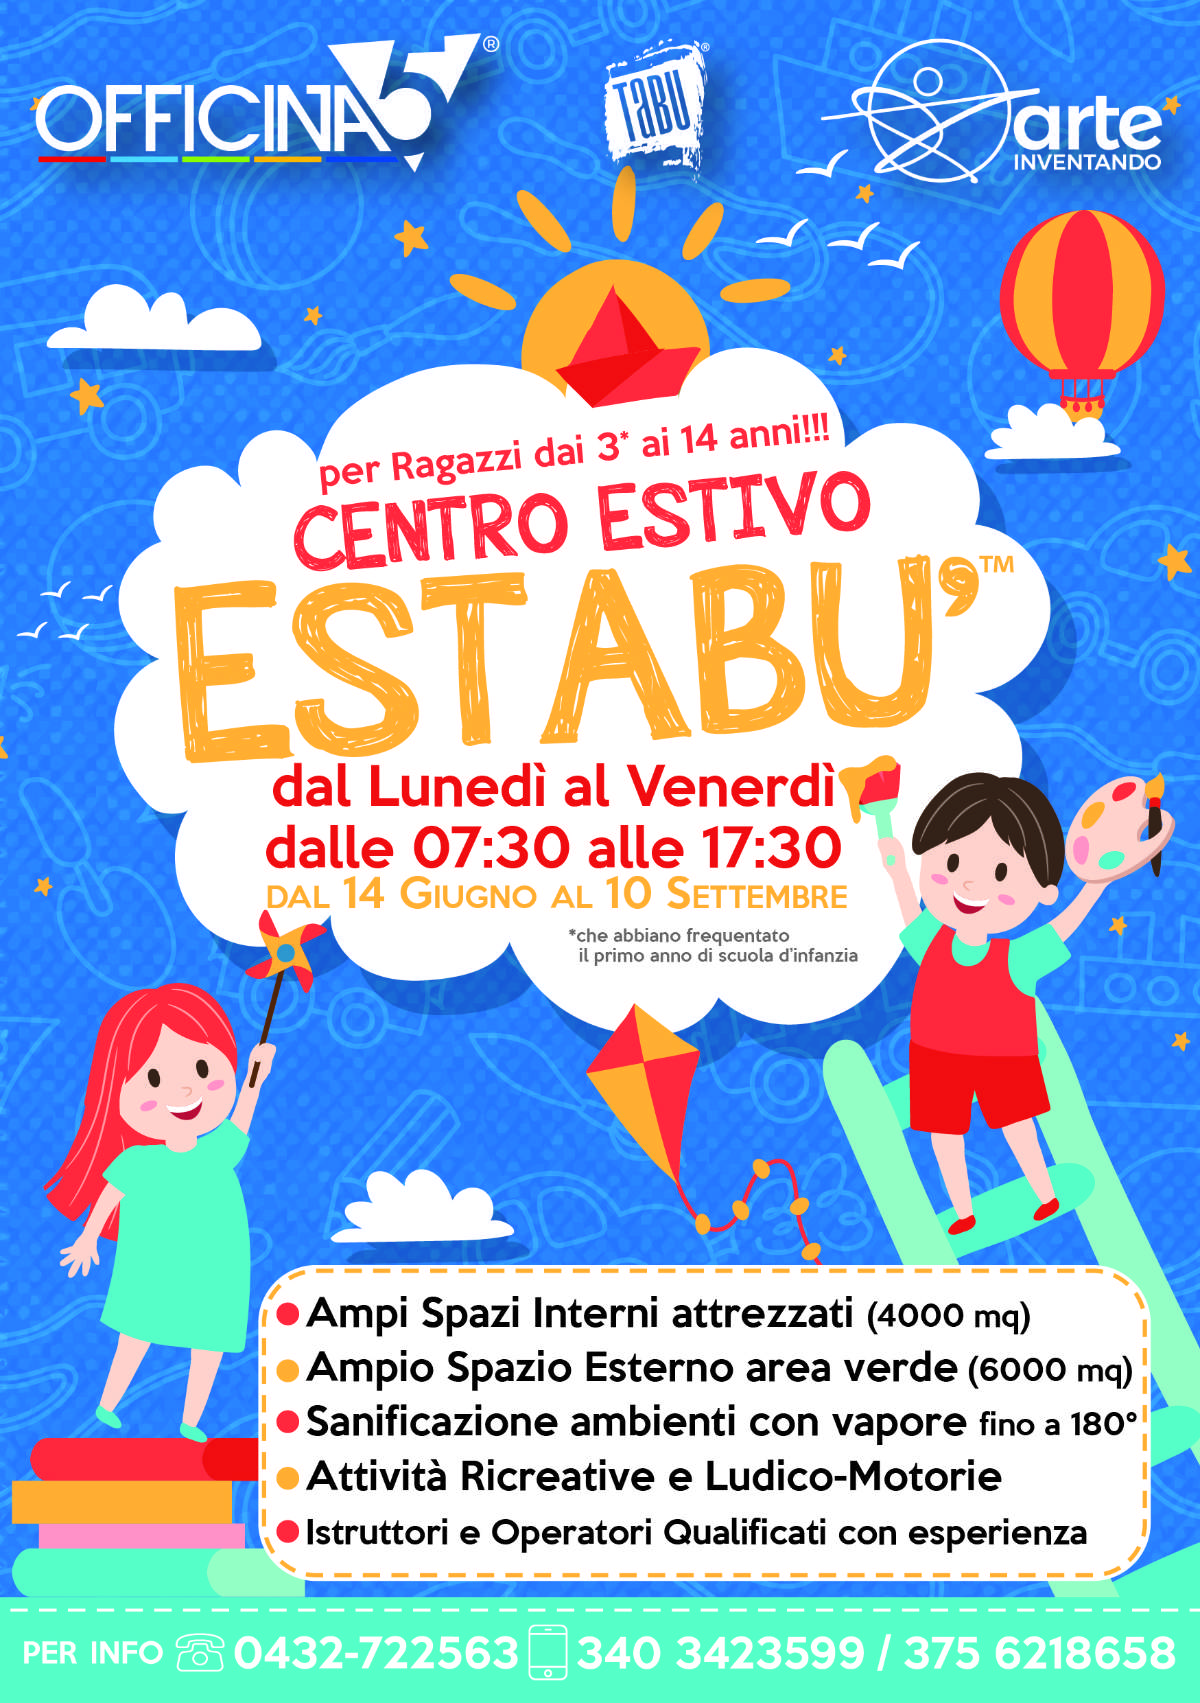 Centro vacanze EsTaBù a Moimacco, Pradamano, Premariacco e Cividale